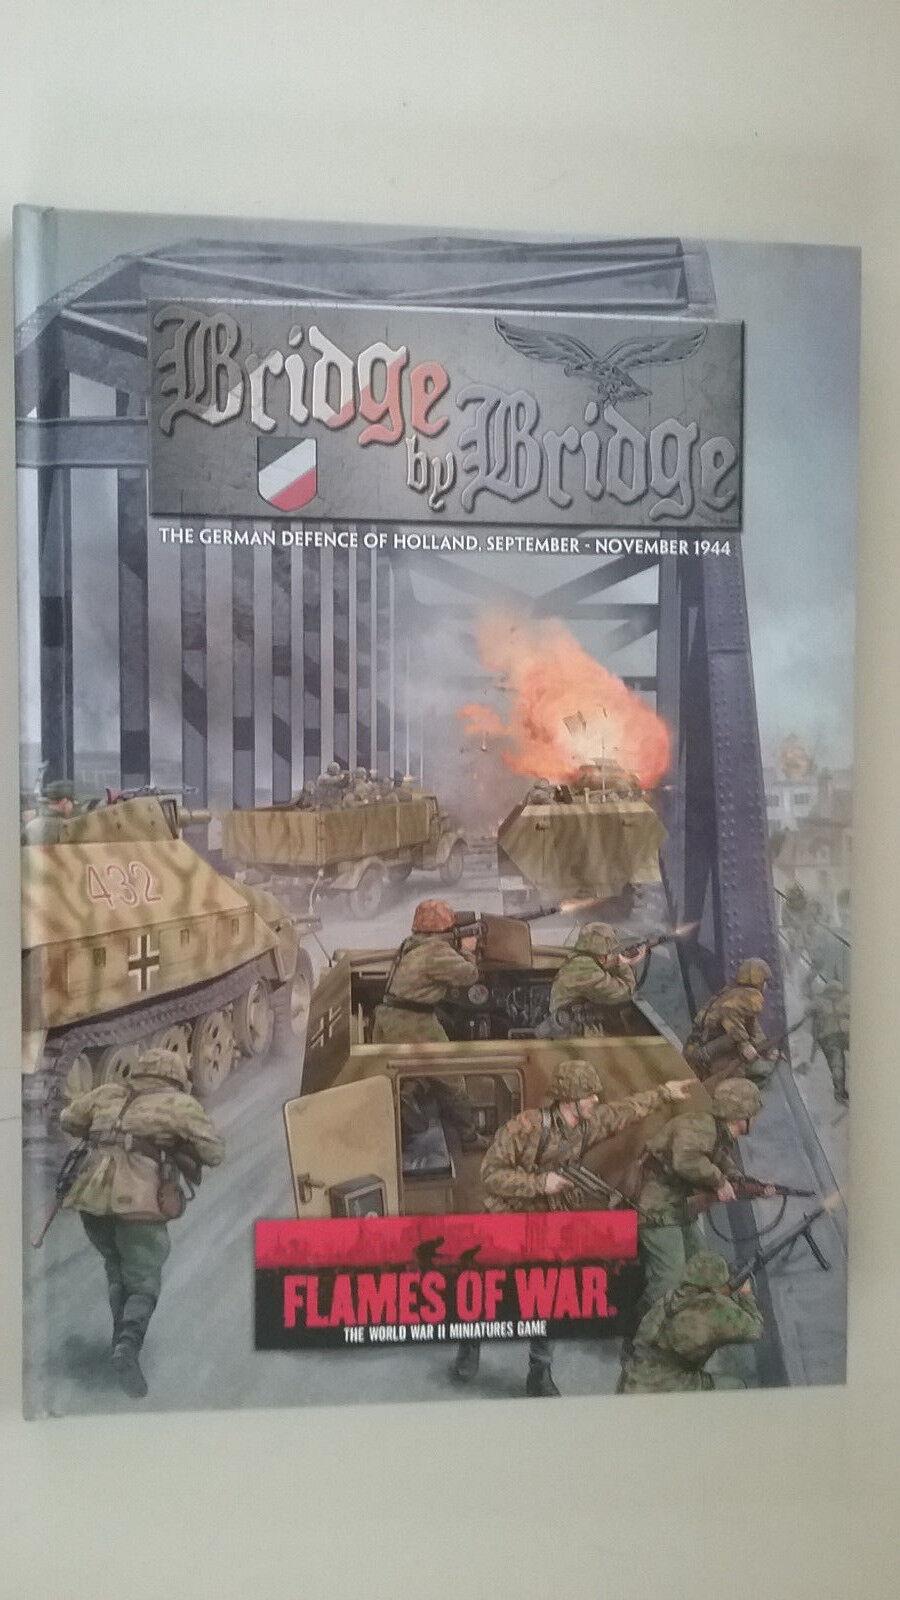 Die flammen des krieges - brücke von brücke - die deutsche Grüneidigung von holland (44   nov.